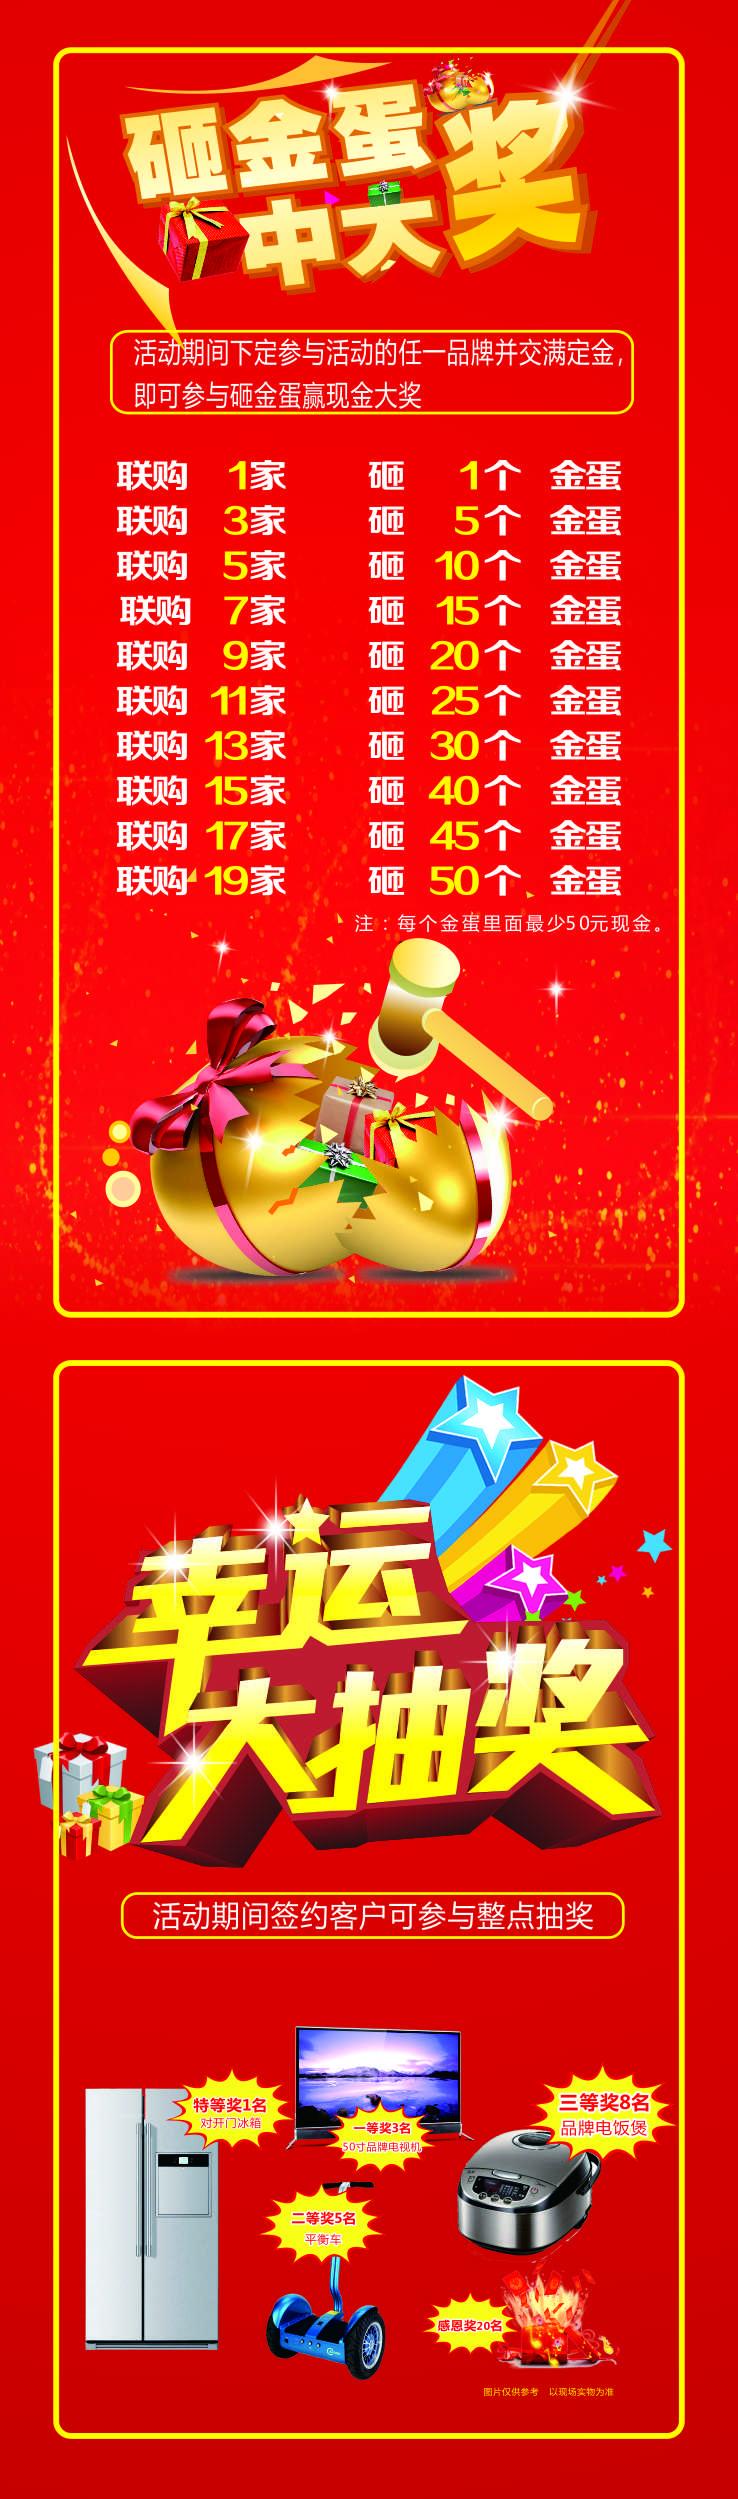 http://xystcdn.xydec.com.cn/uploadfiles/image/20190305/cc602fd906bbd45b4f4c63035cb21376.jpg